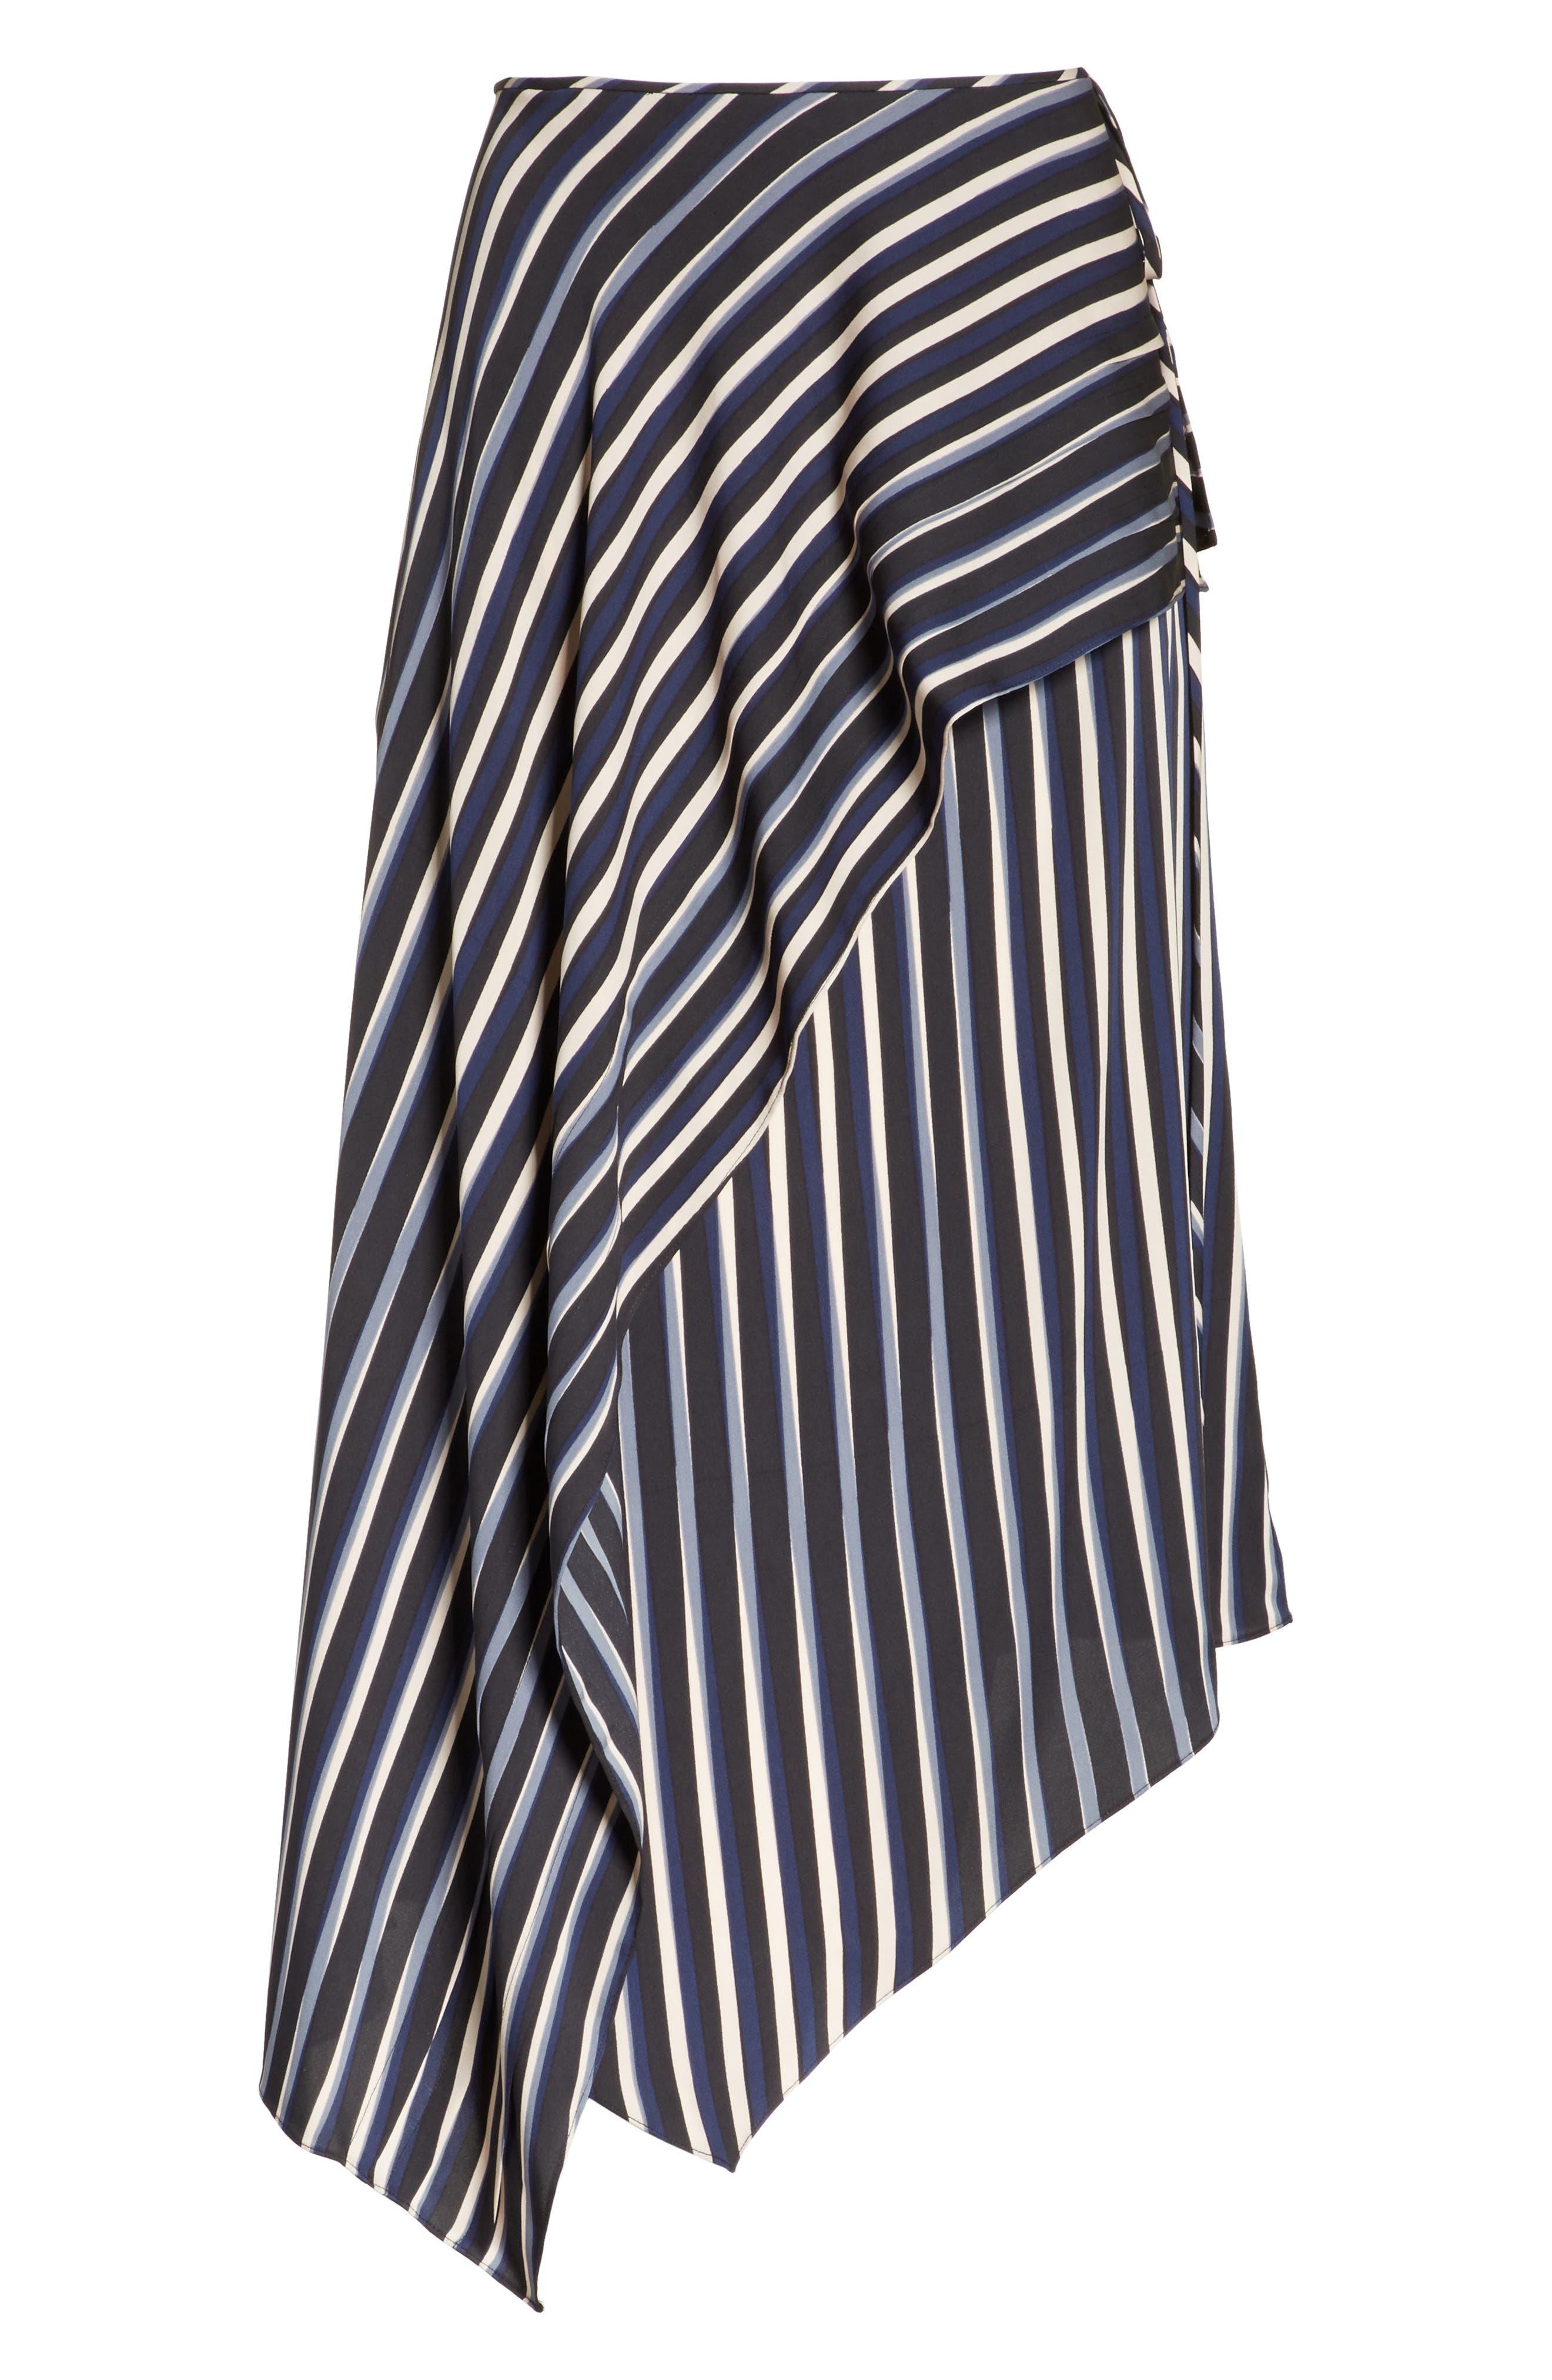 Striped Asymmetrical Midi Skirt,                             Alternate thumbnail 7, color,                             Whiston Black